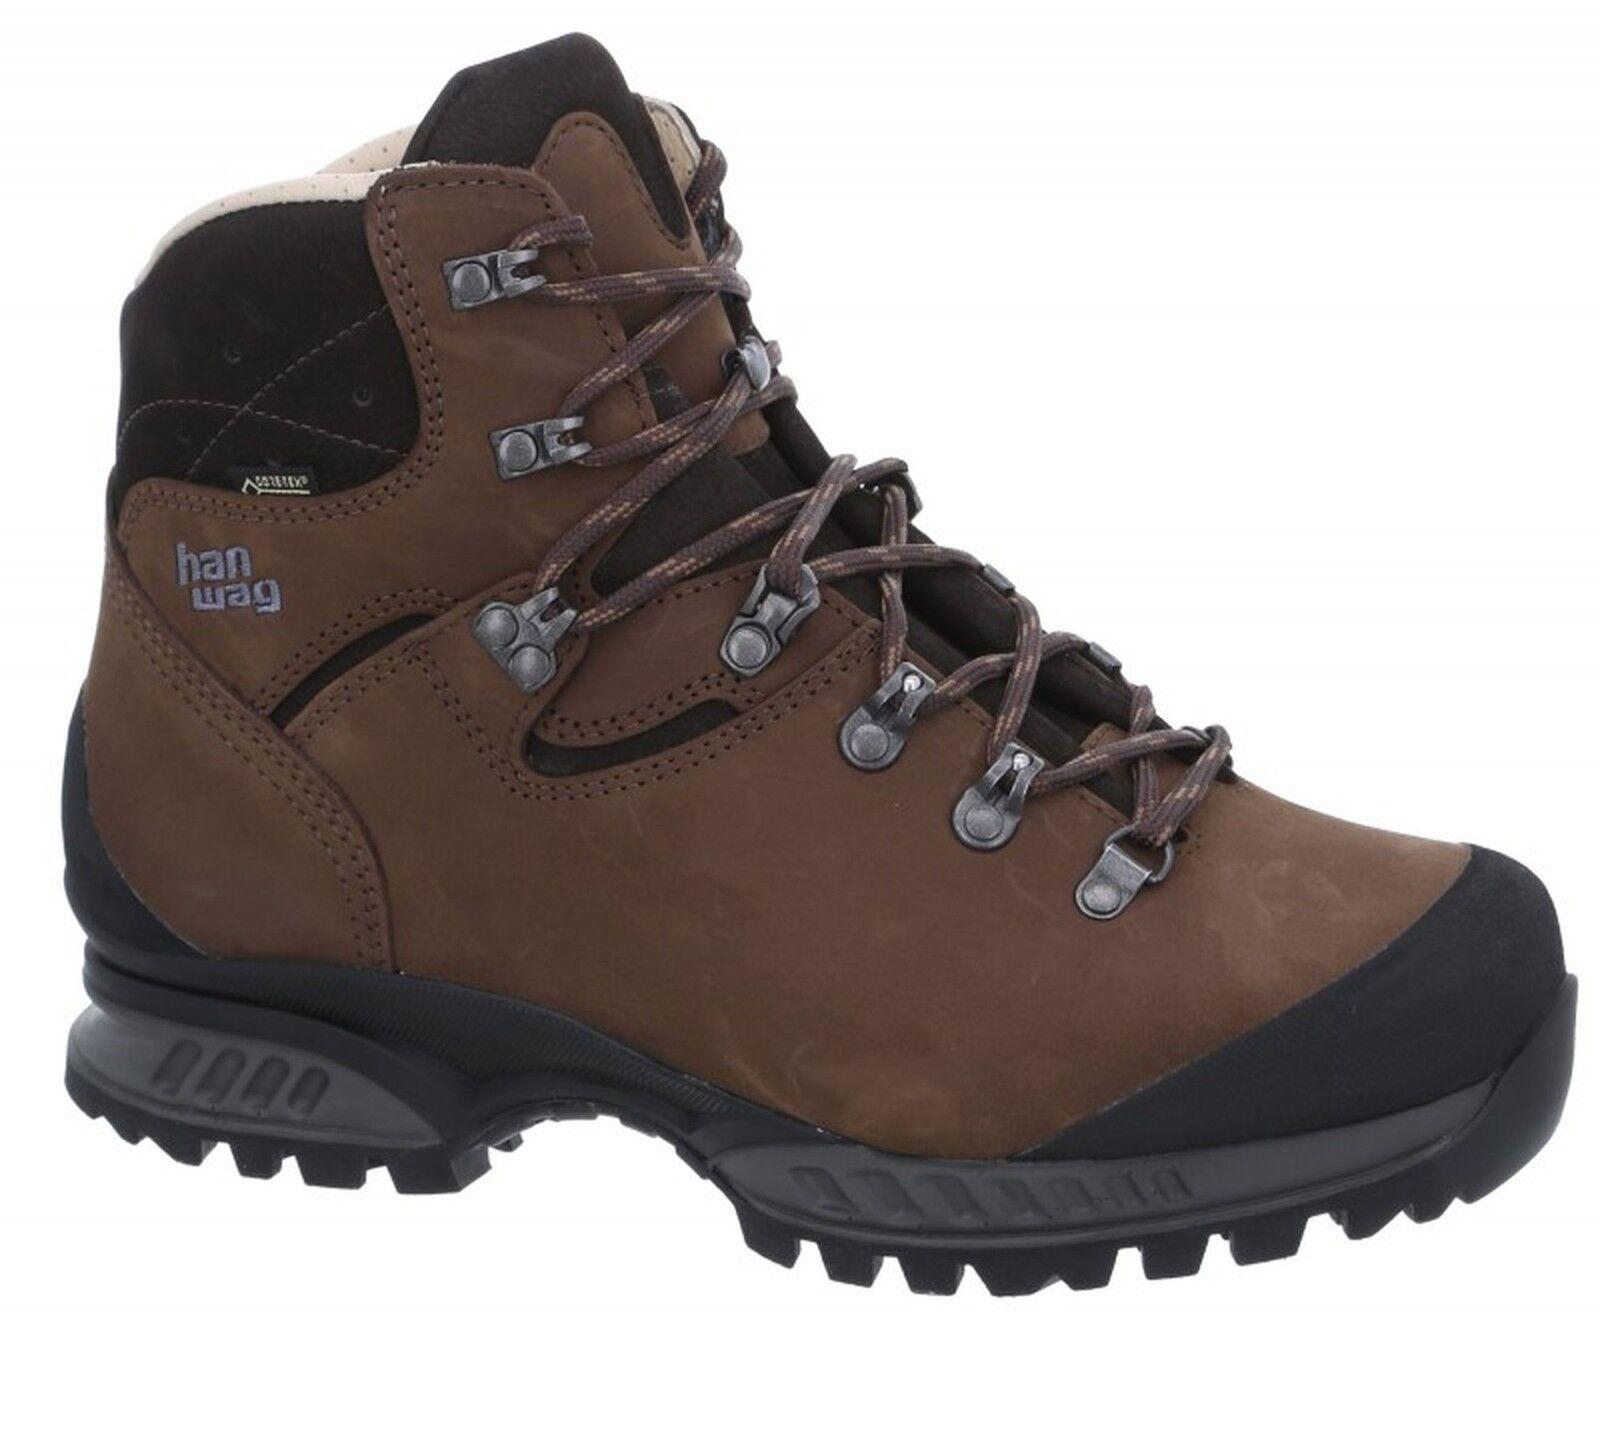 Hanwag trekking zapatos Tatra II Wide GTX tamaño 10-tierra 44,5